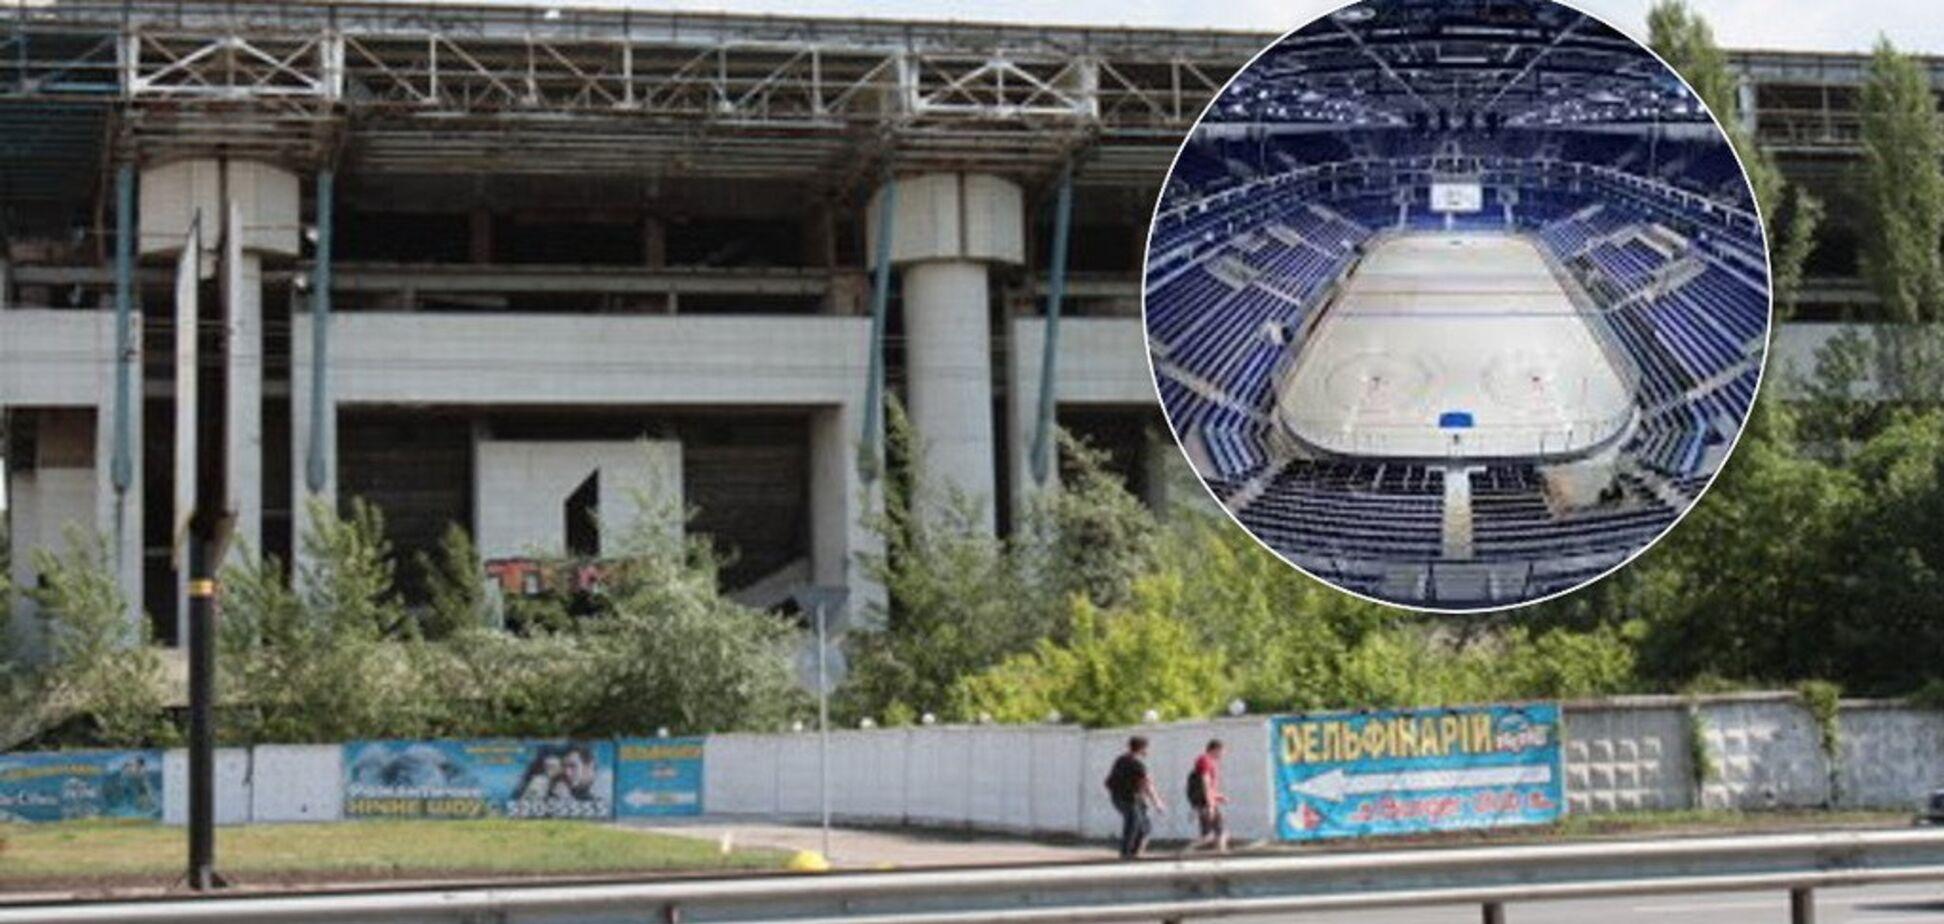 Памятник украинскому спорту: в Кабмине отказали инвестору ради коррупционной схемы?